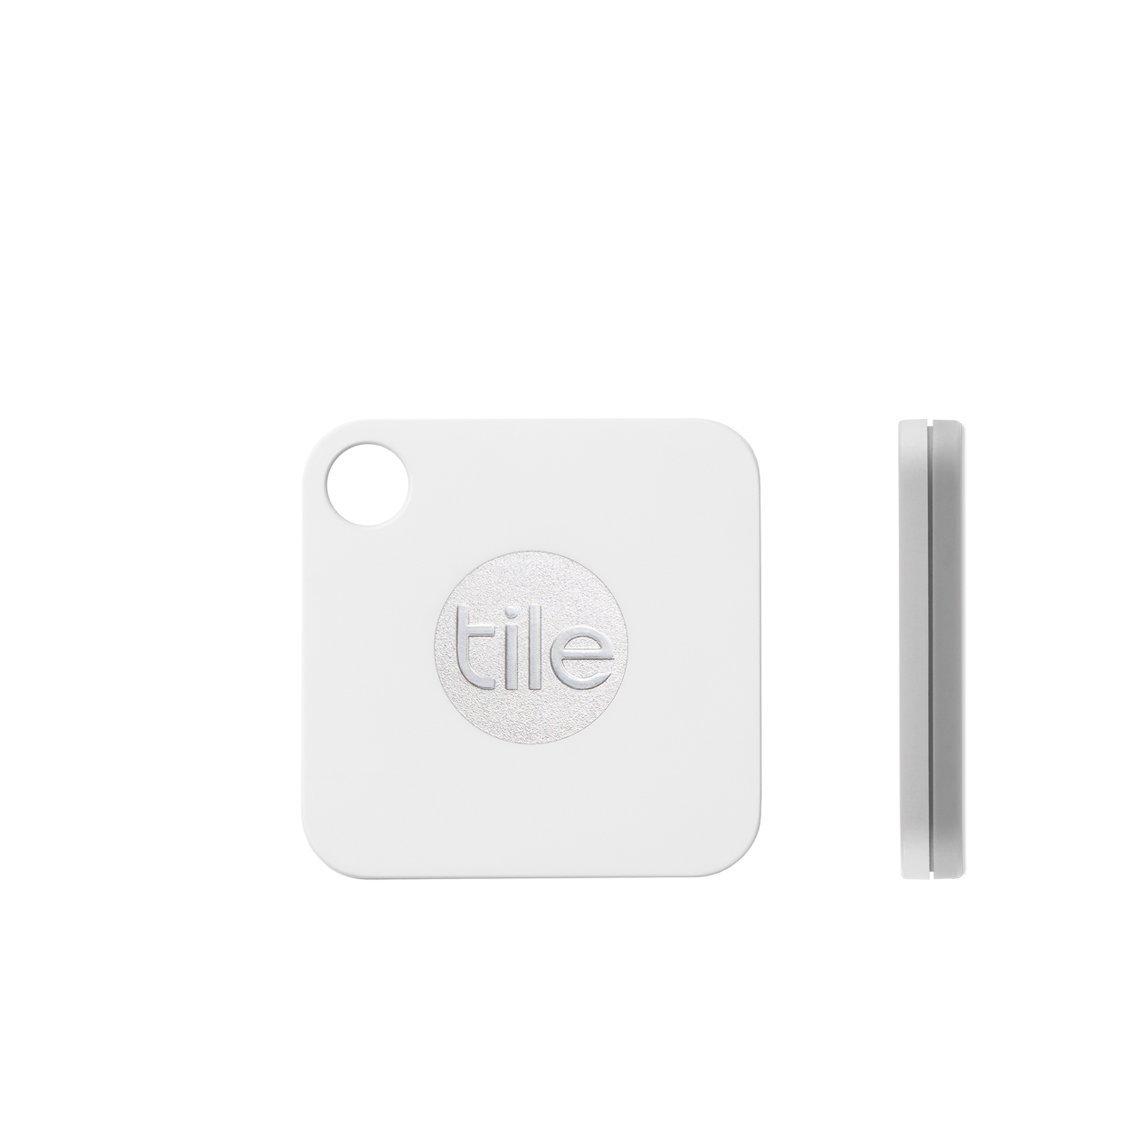 tile-mate-key-finder